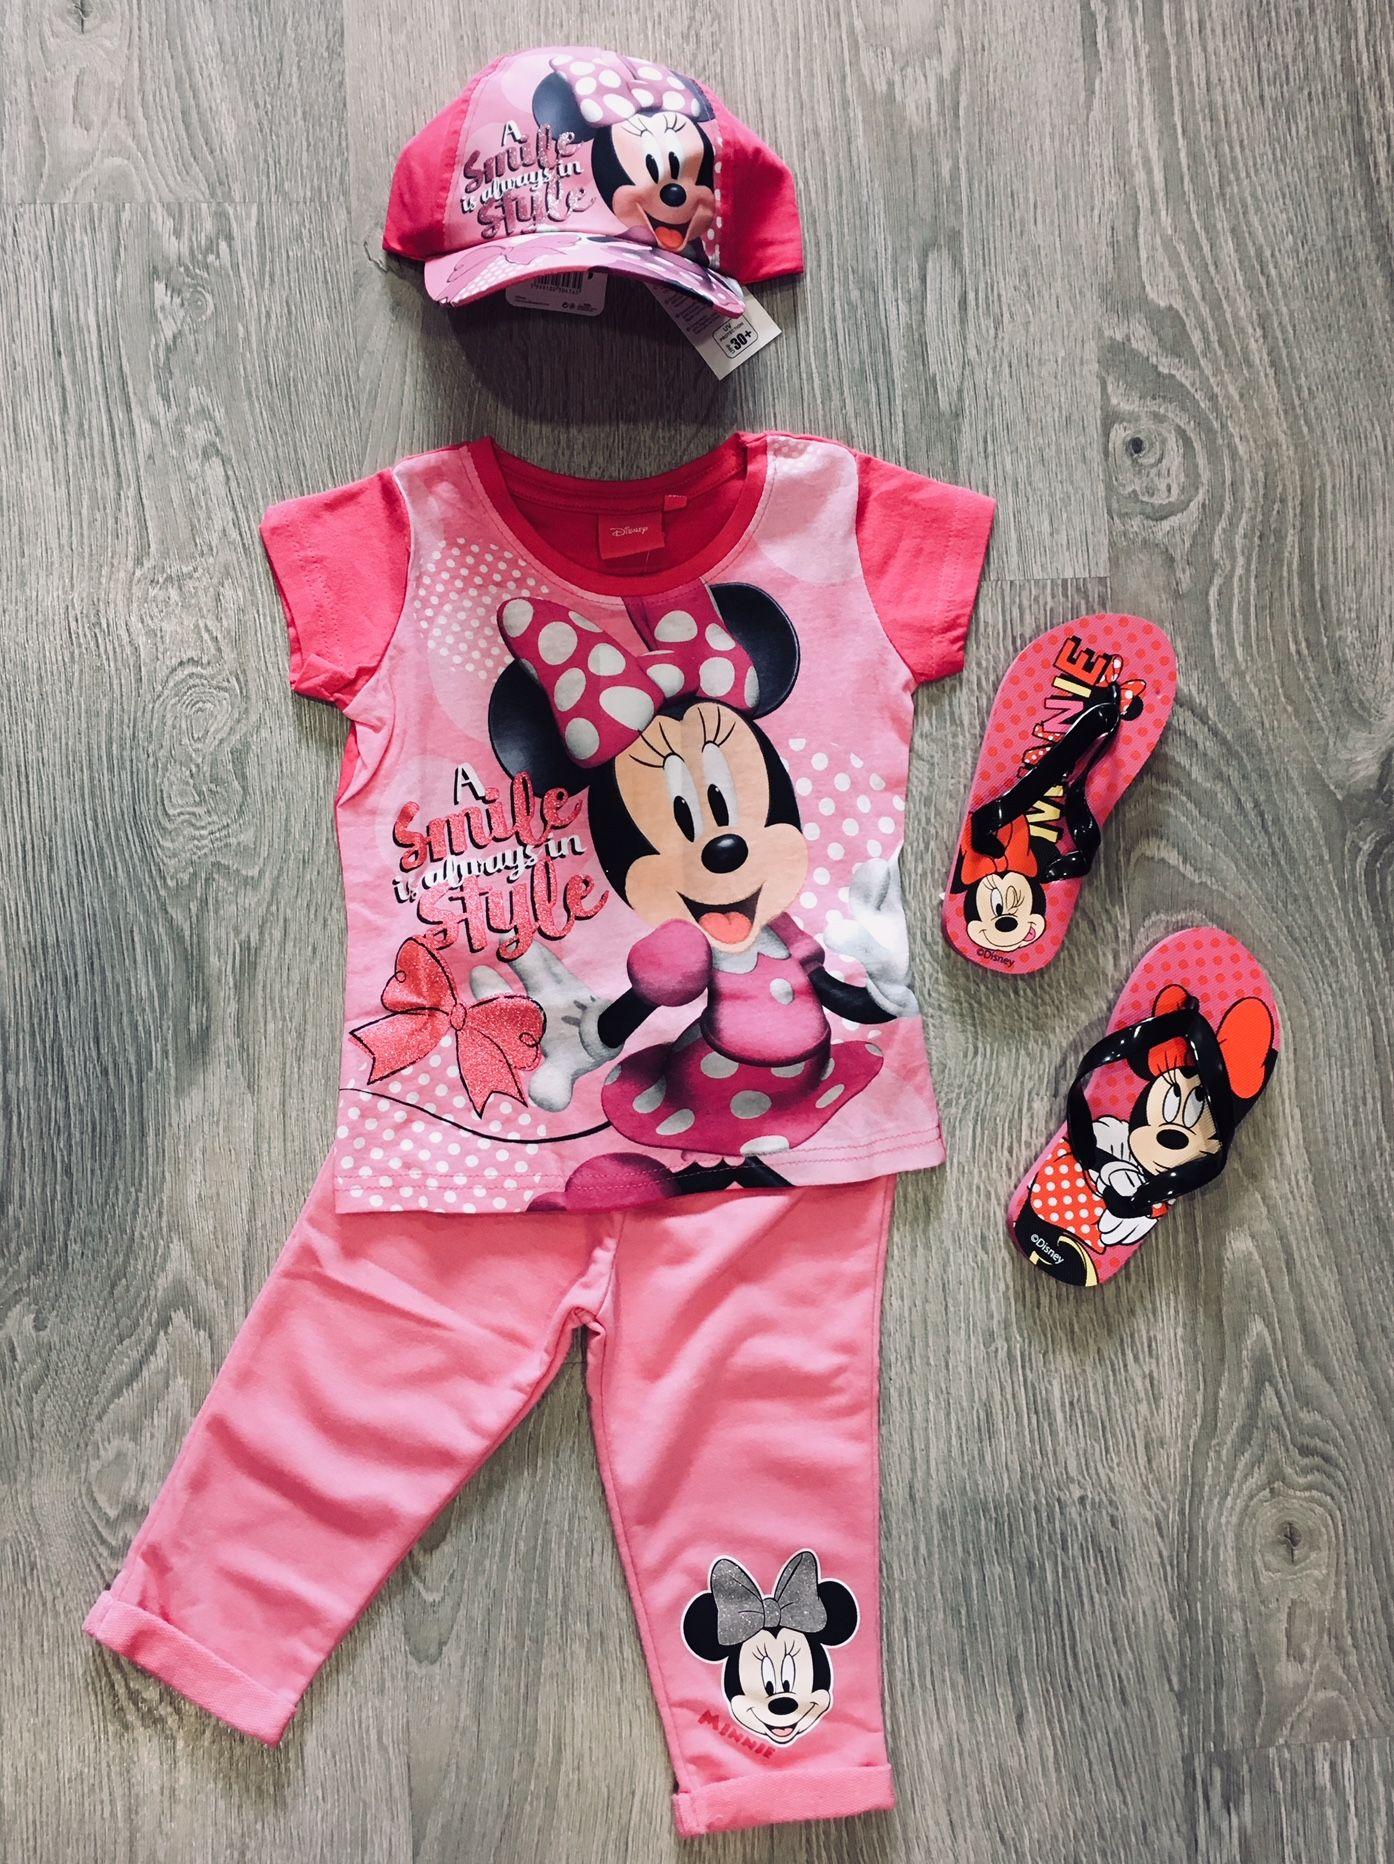 0e1bace67ad5 detské oblečenie Minnie Mouse